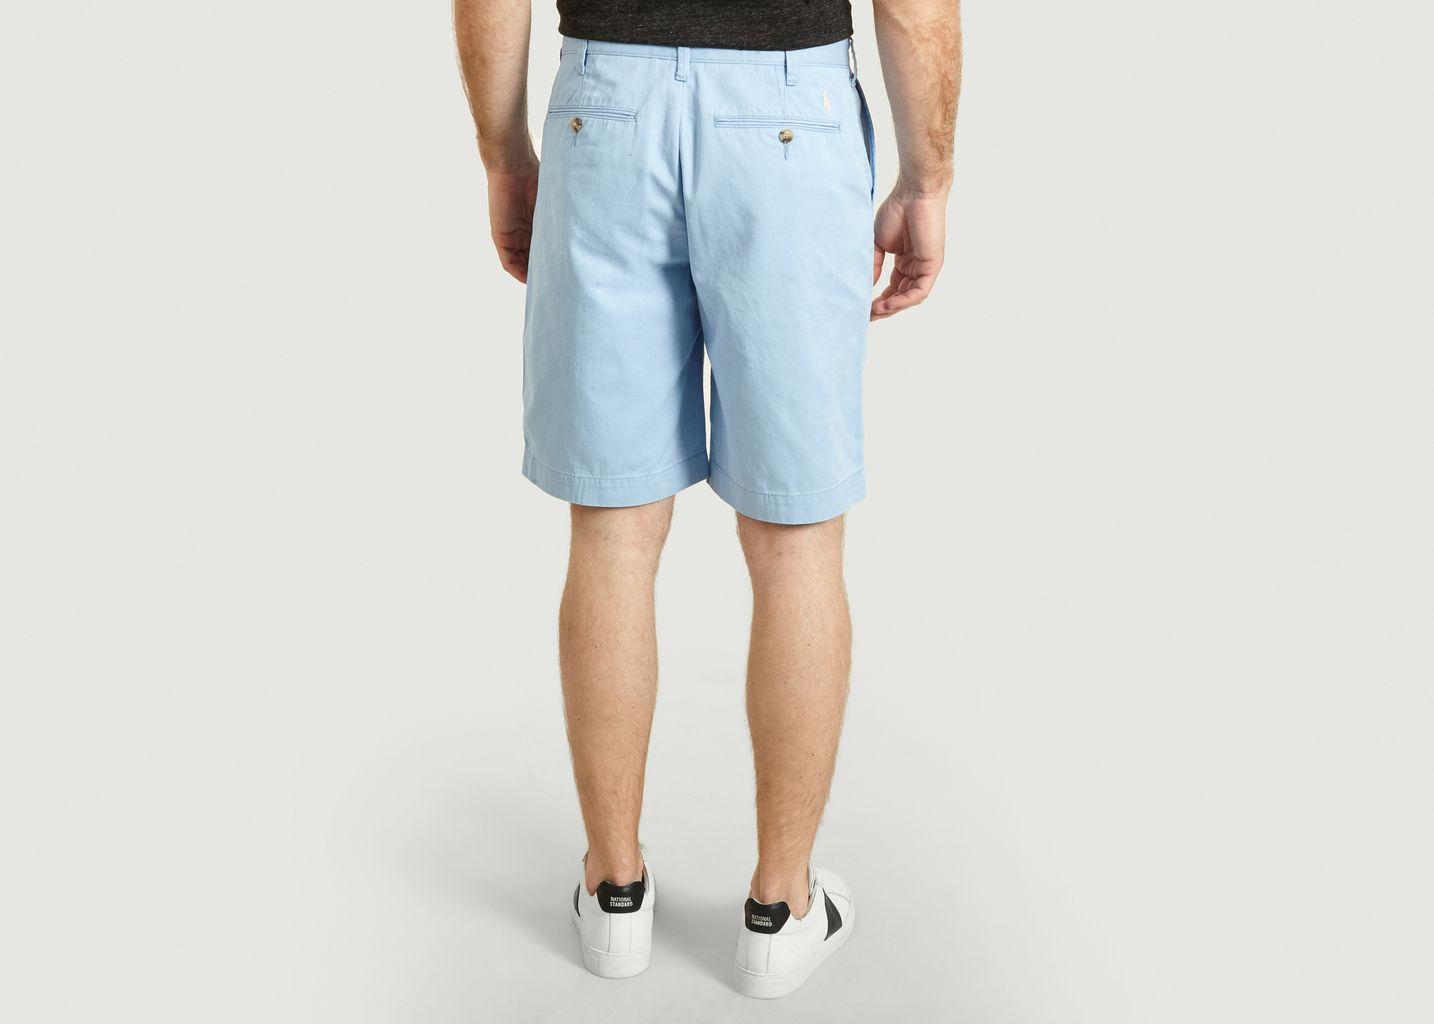 Bermuda en Coton - Polo Ralph Lauren